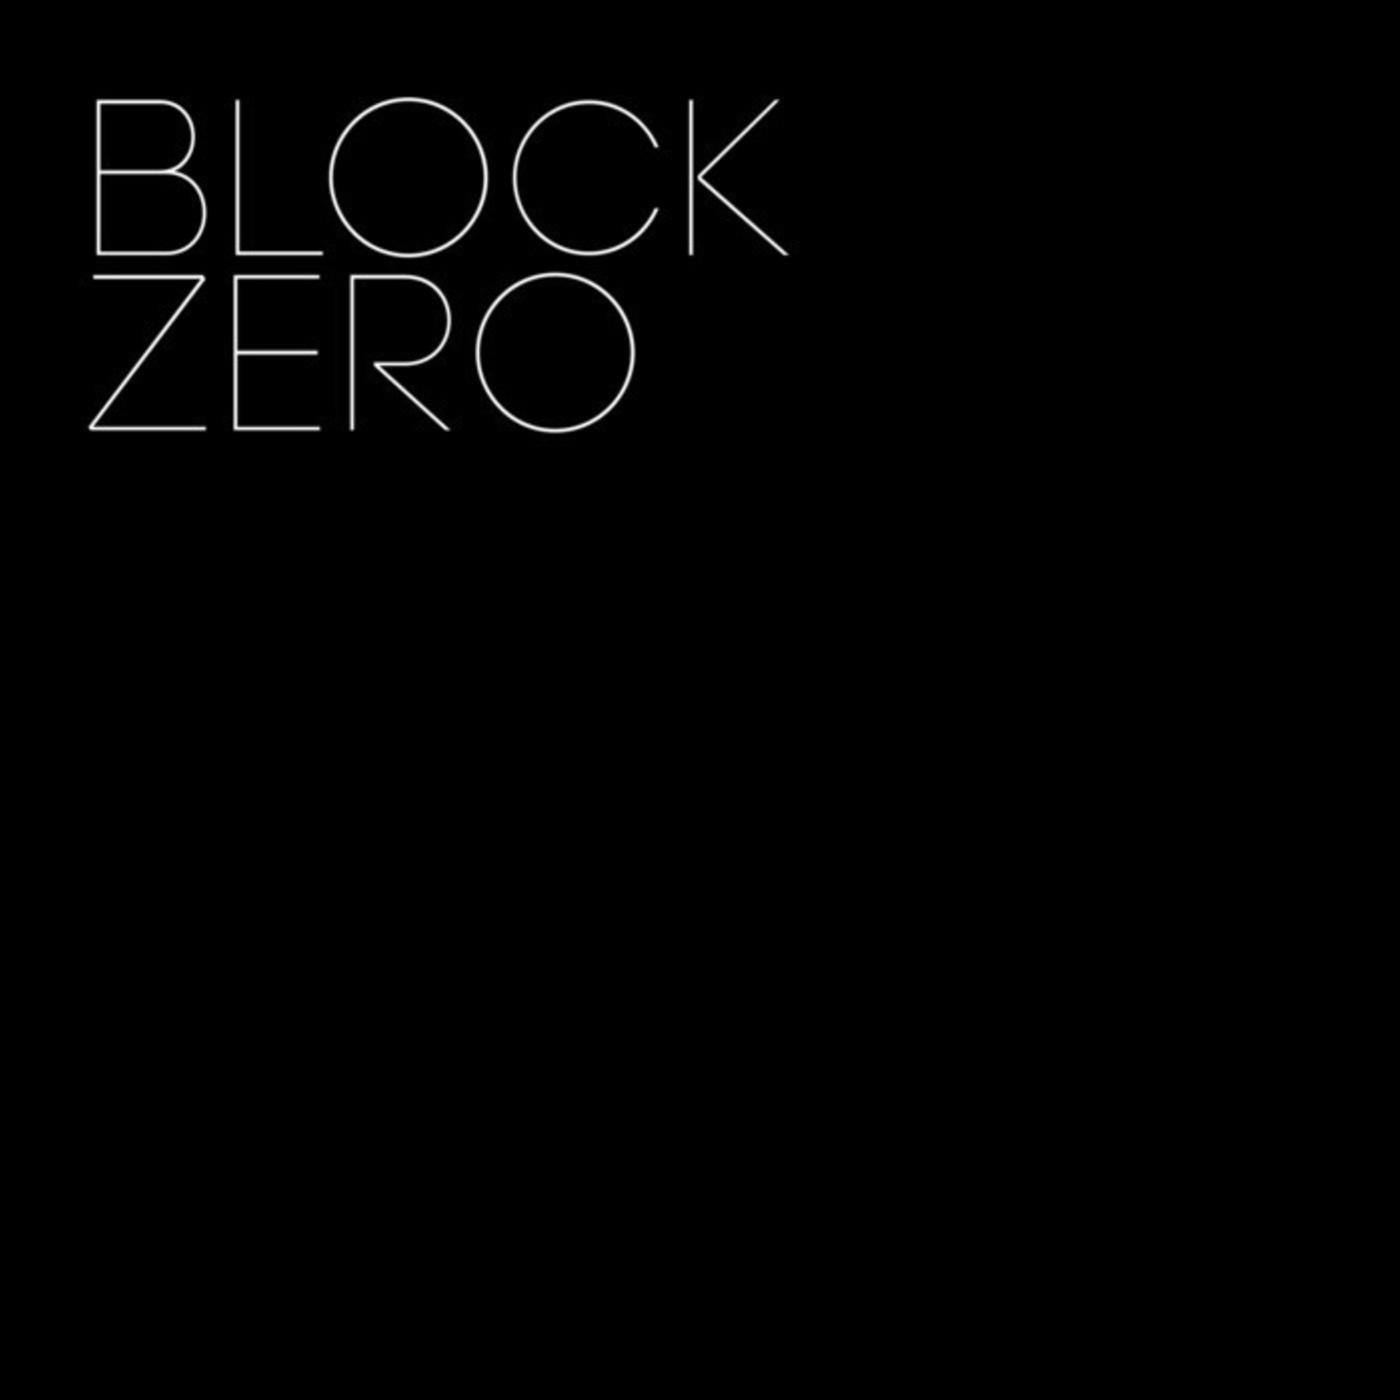 #002 - ZenCash - Co-founder Rob Viglione